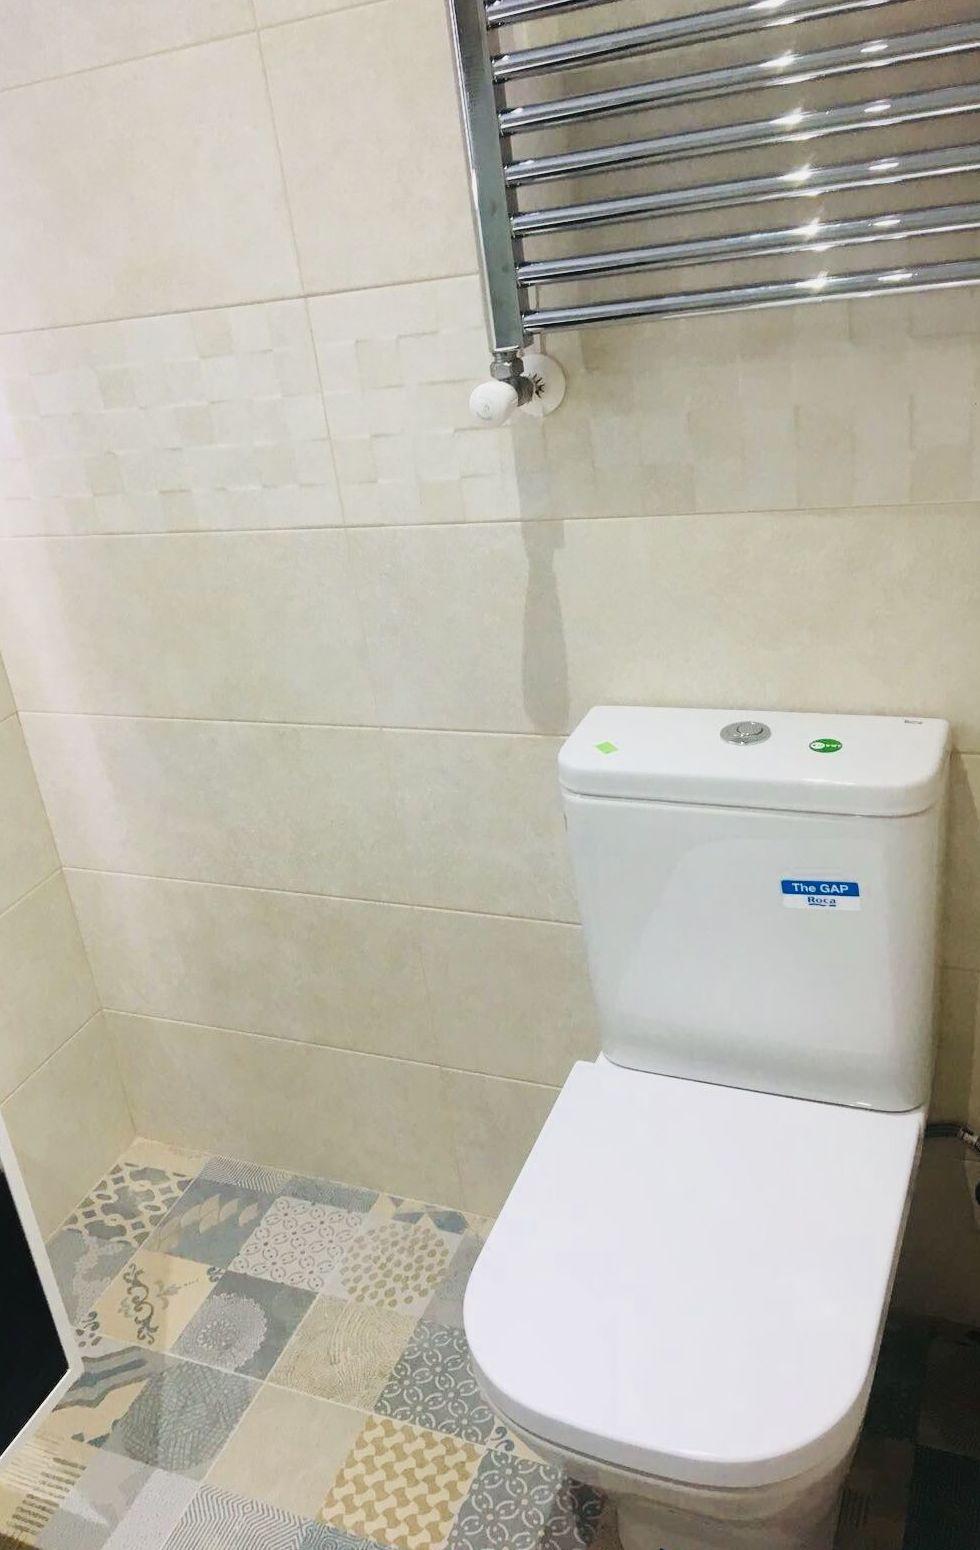 Presupuestos reforma integral de baño. Instalación de sanitarios